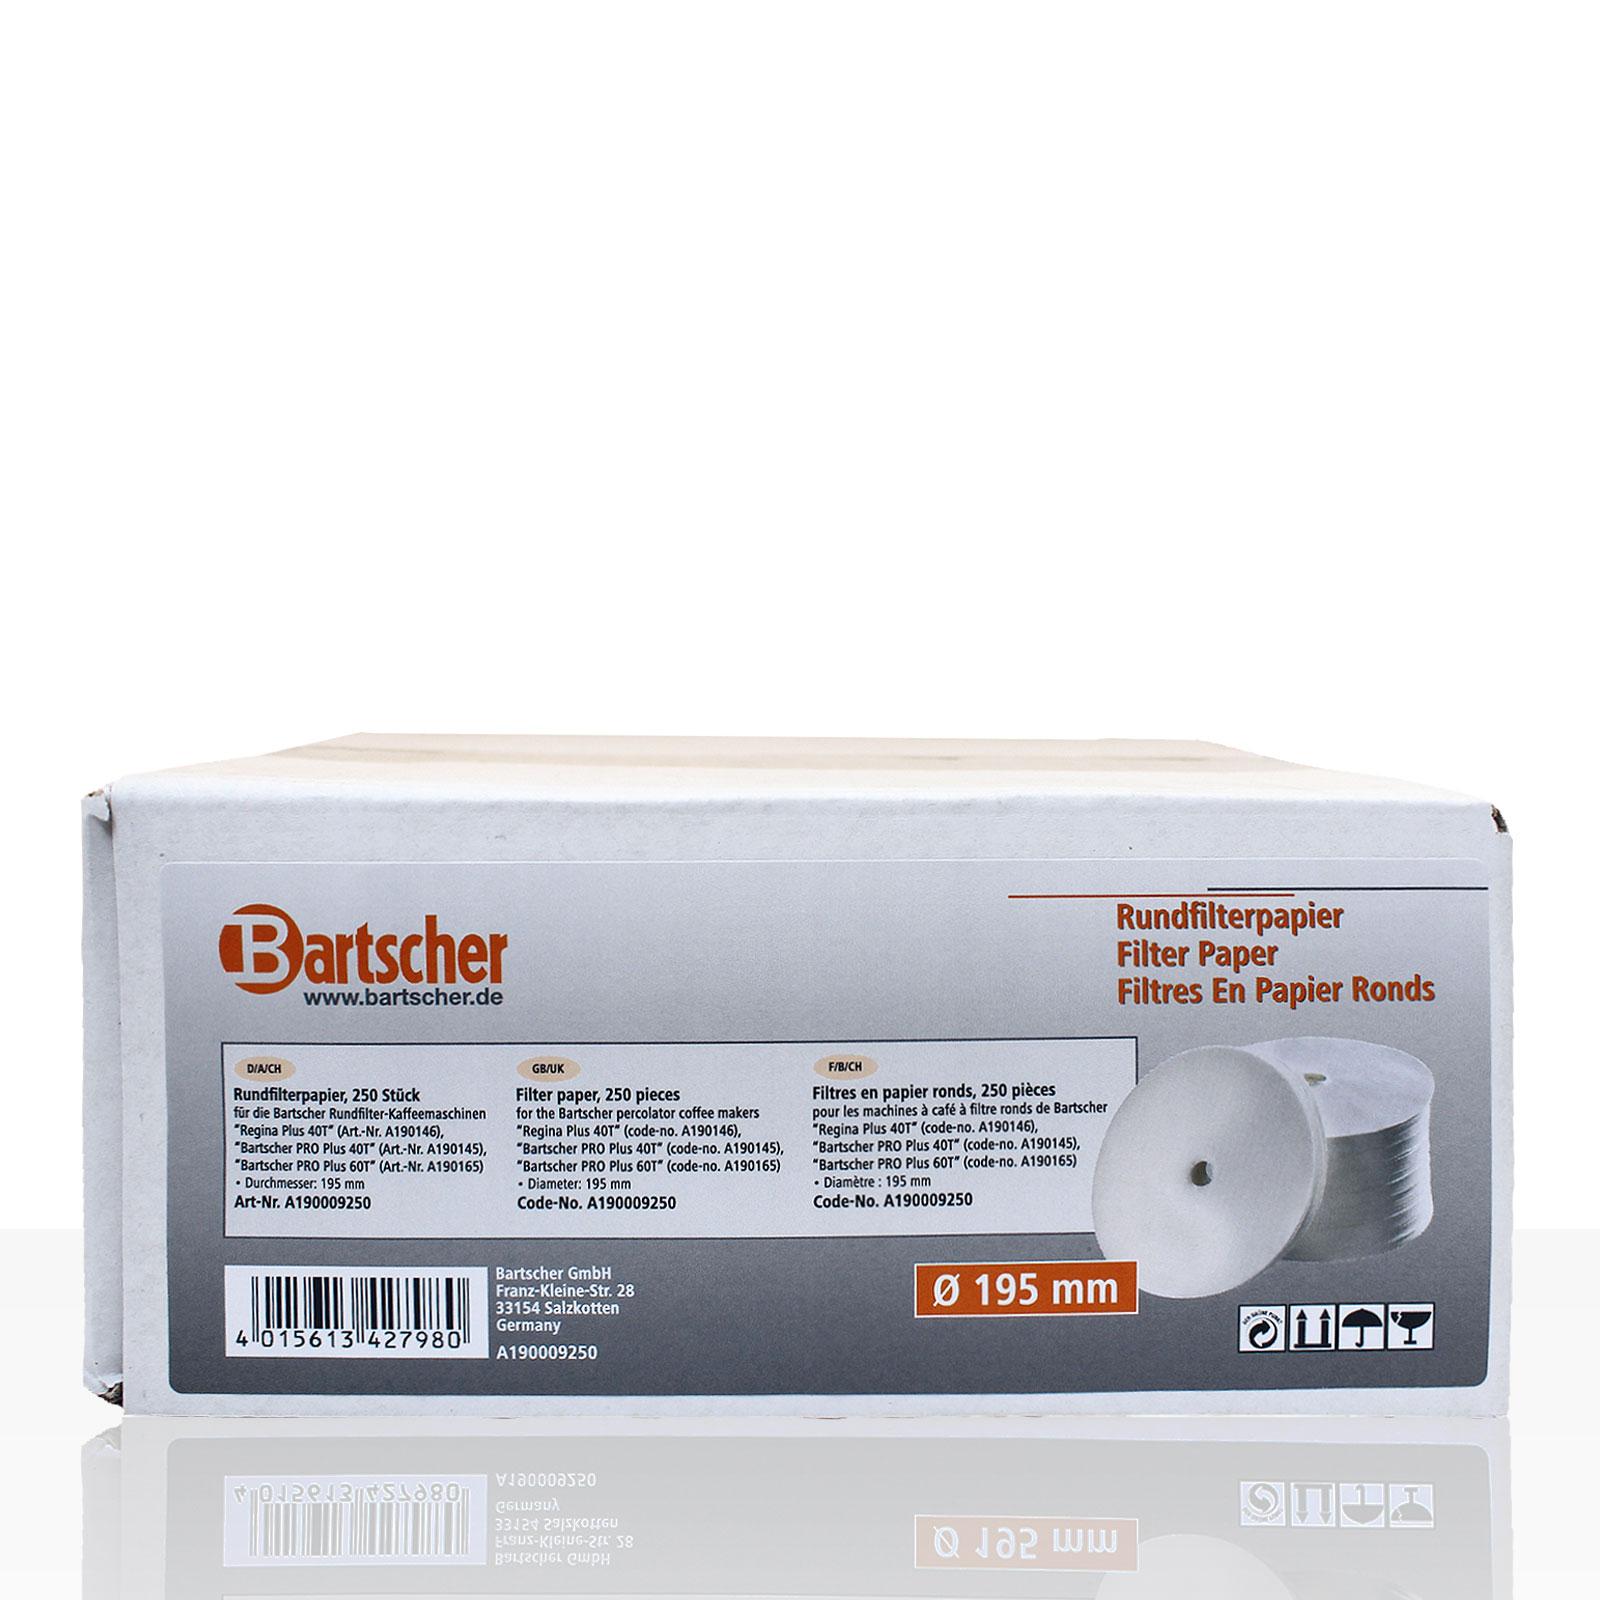 Bartscher Rundfilterpapier Original 195 mm, 250 Stk, Kaffeefilter Rundfilter